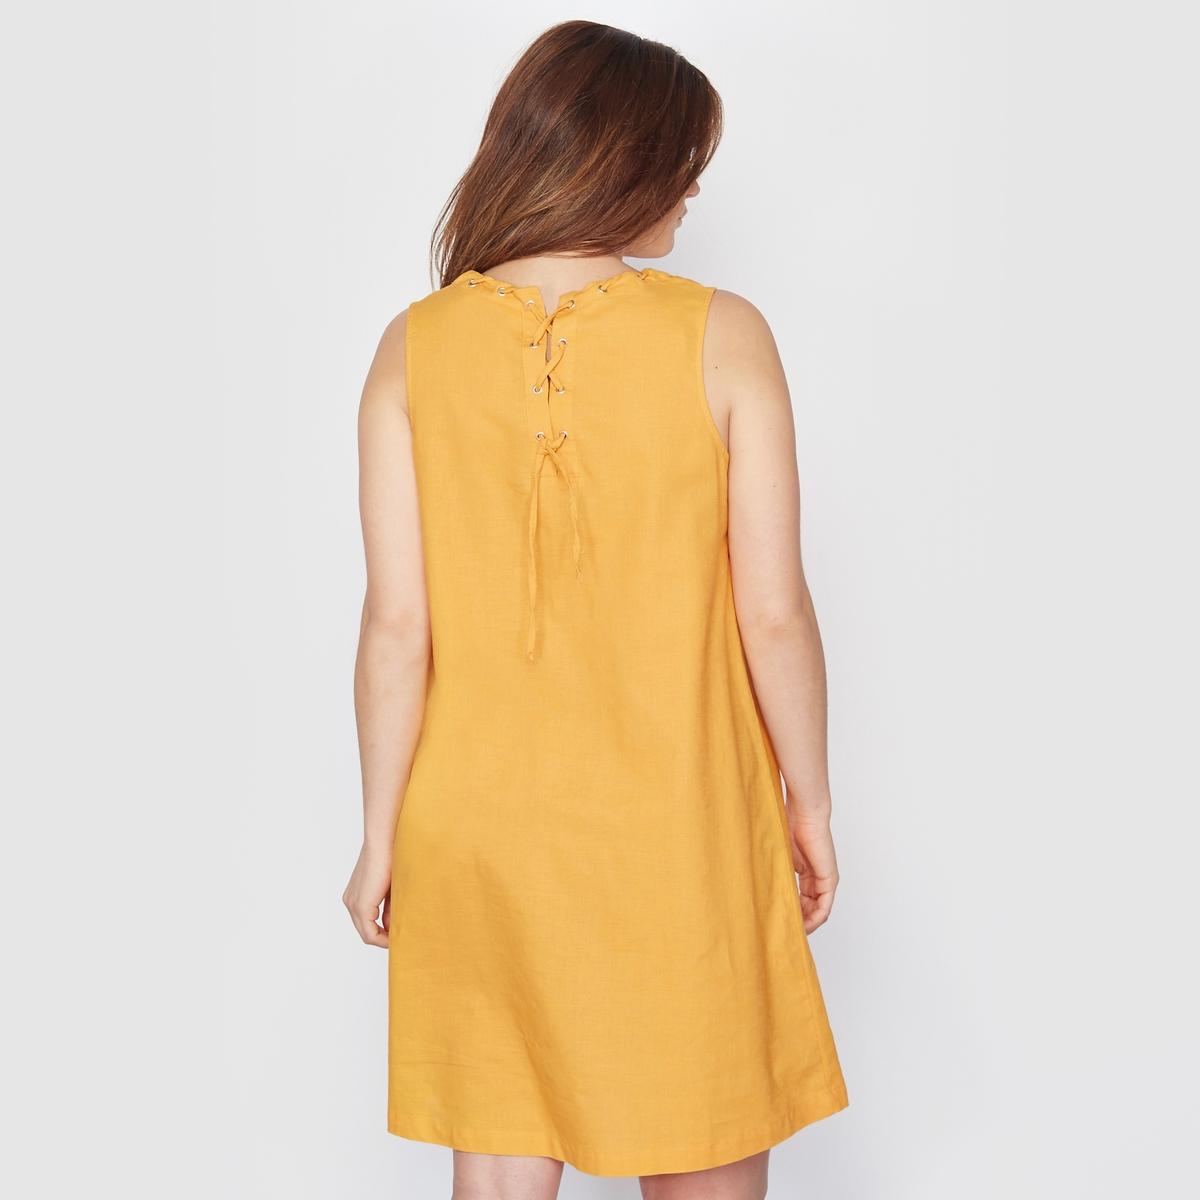 Платье, лен/хлопокПлатье. Модный штрих - интересная шнуровка на воротнике и открытый вырез на спине. Без рукавов. 55% льна, 45% хлопка. Без подкладки. Длина 90 см.<br><br>Цвет: желтый<br>Размер: 44 (FR) - 50 (RUS)